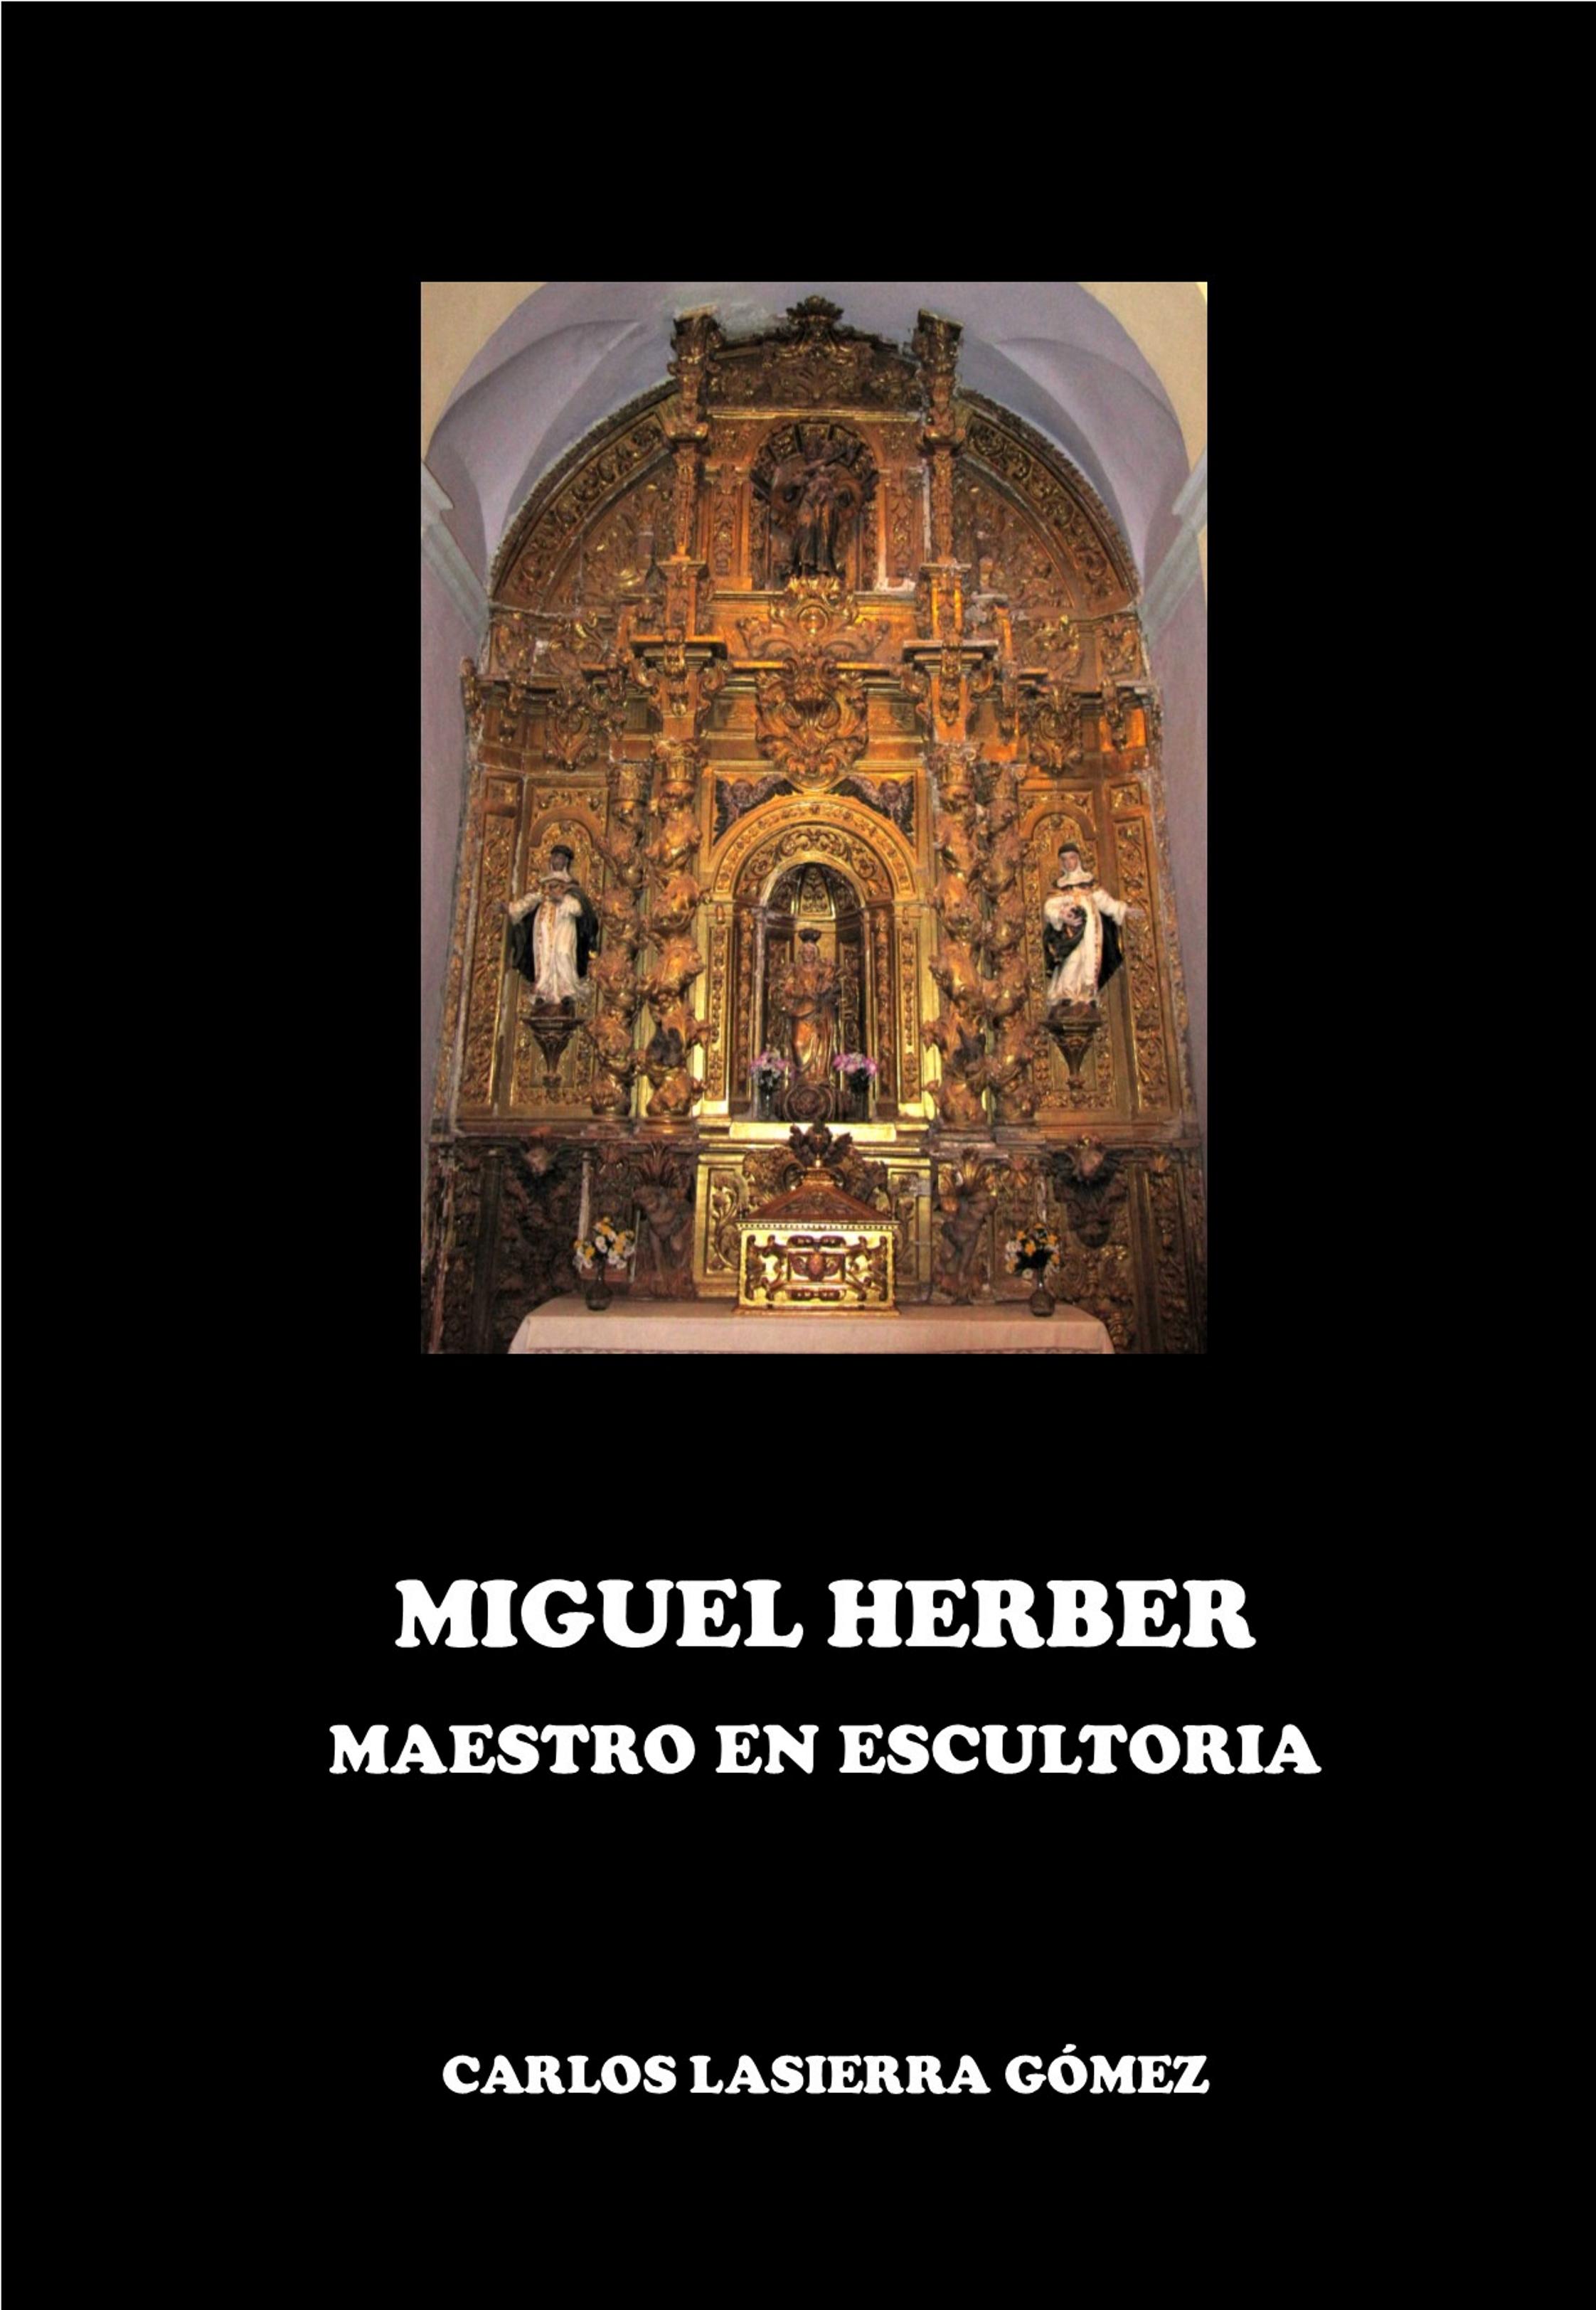 Miguel Herber, maestro en escultoria